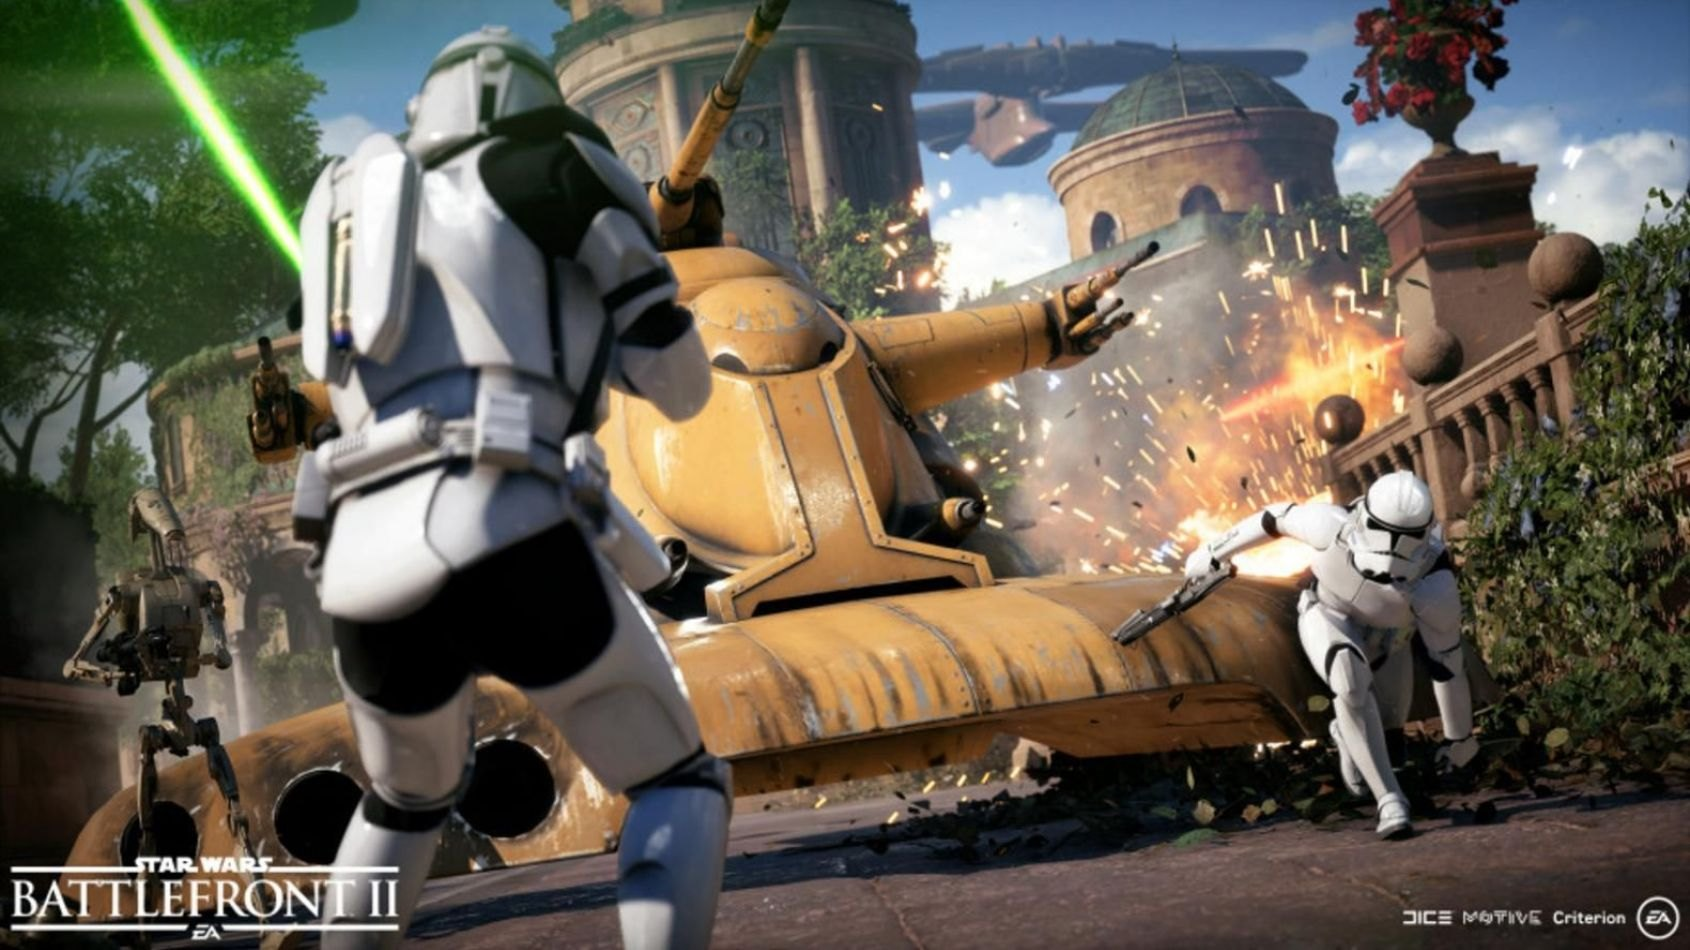 Le trailer le plus vu de L'E3 est celui de Battlefront II !